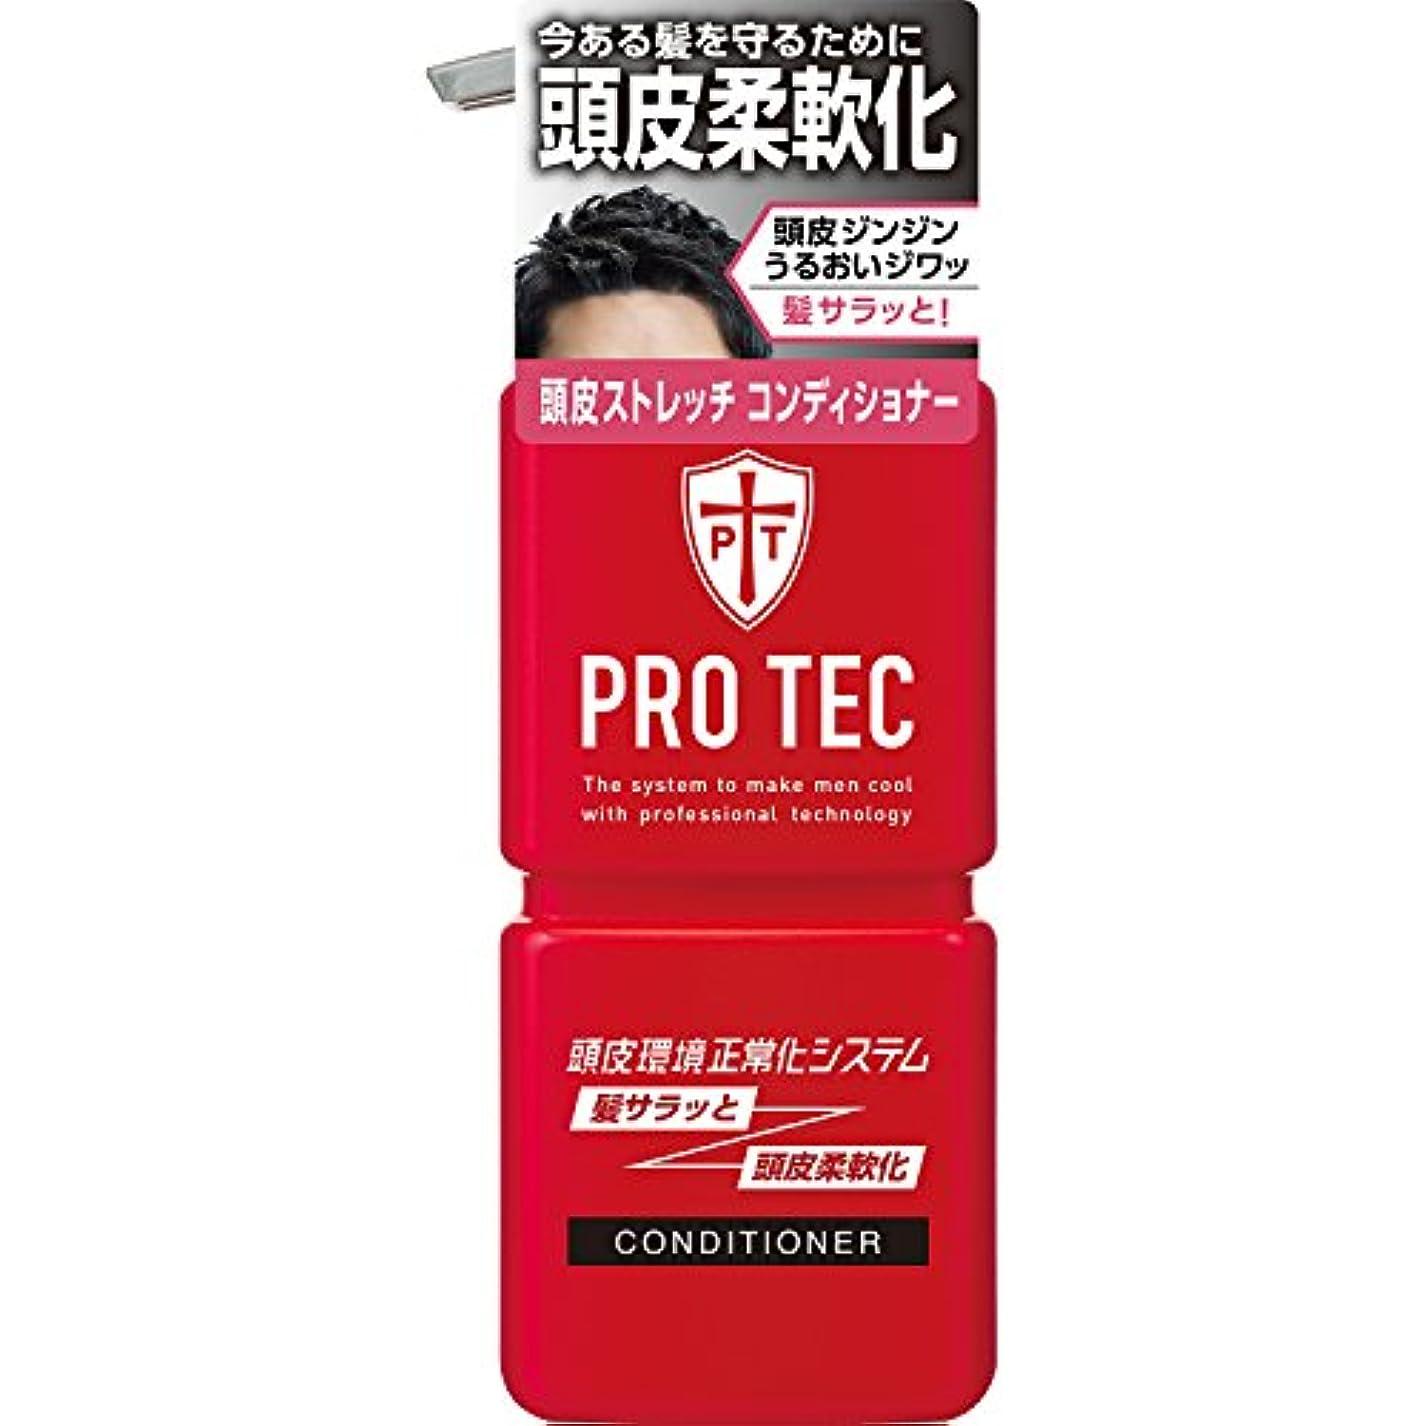 黒くするレール掻くPRO TEC(プロテク) 頭皮ストレッチ コンディショナー 本体ポンプ 300g